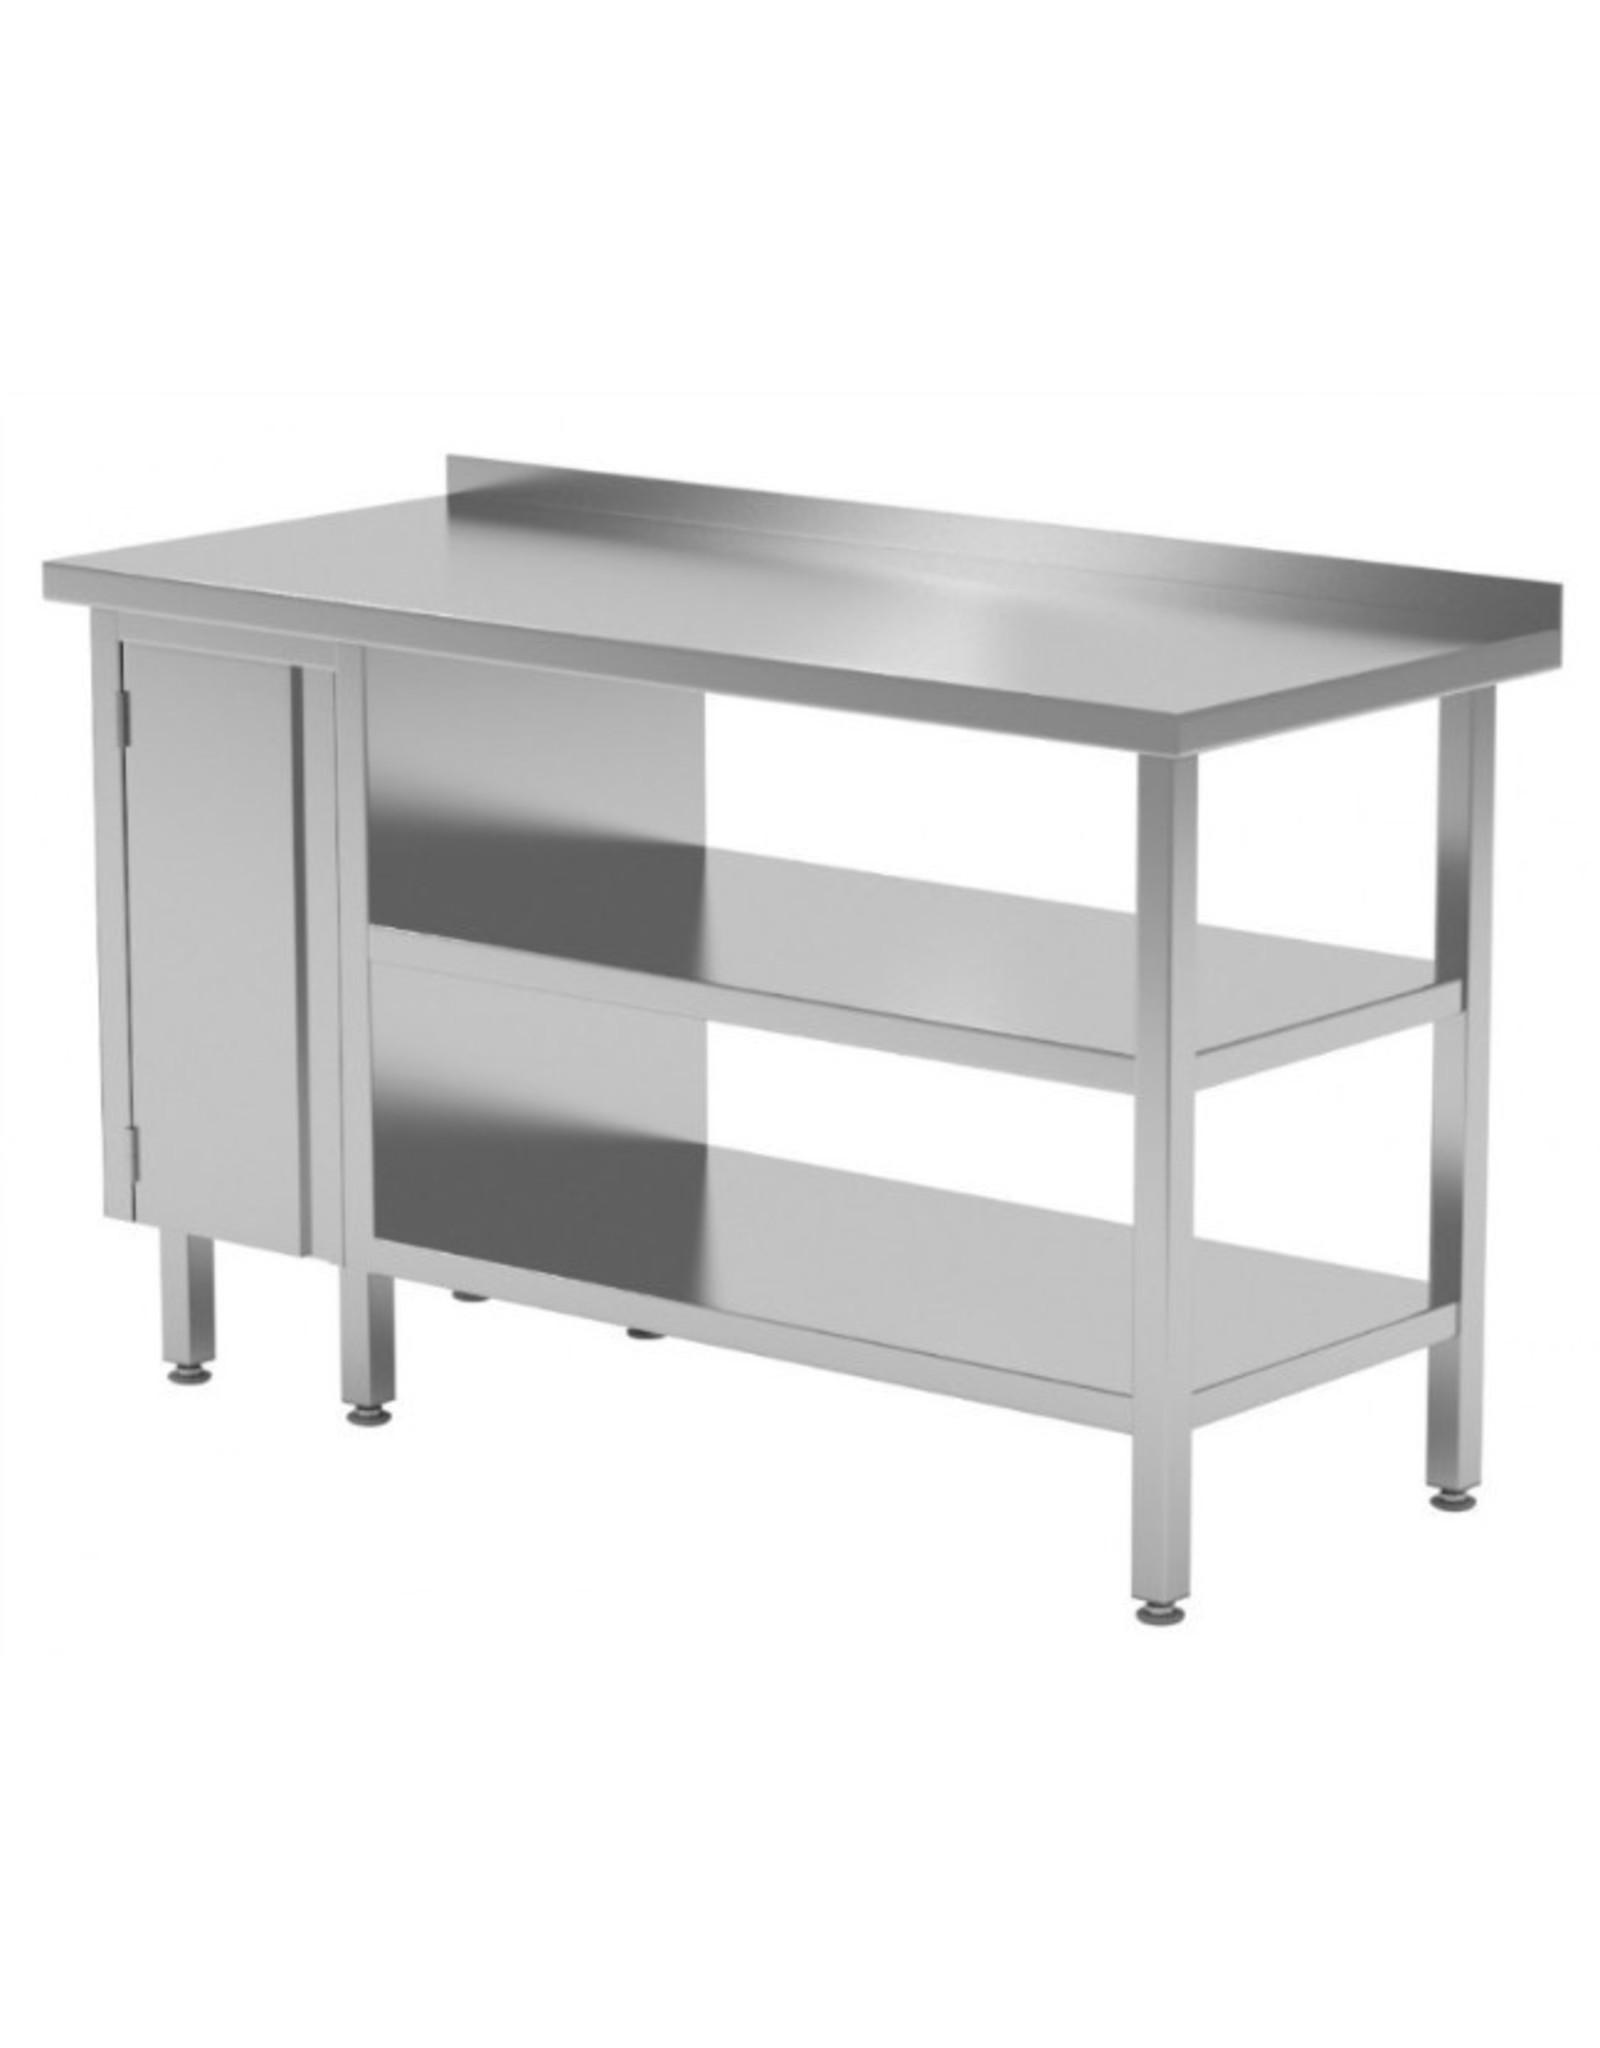 Werktafel met kastje links en dubbele onderplank | 800-1900mm breed | 600 of 700mm diep